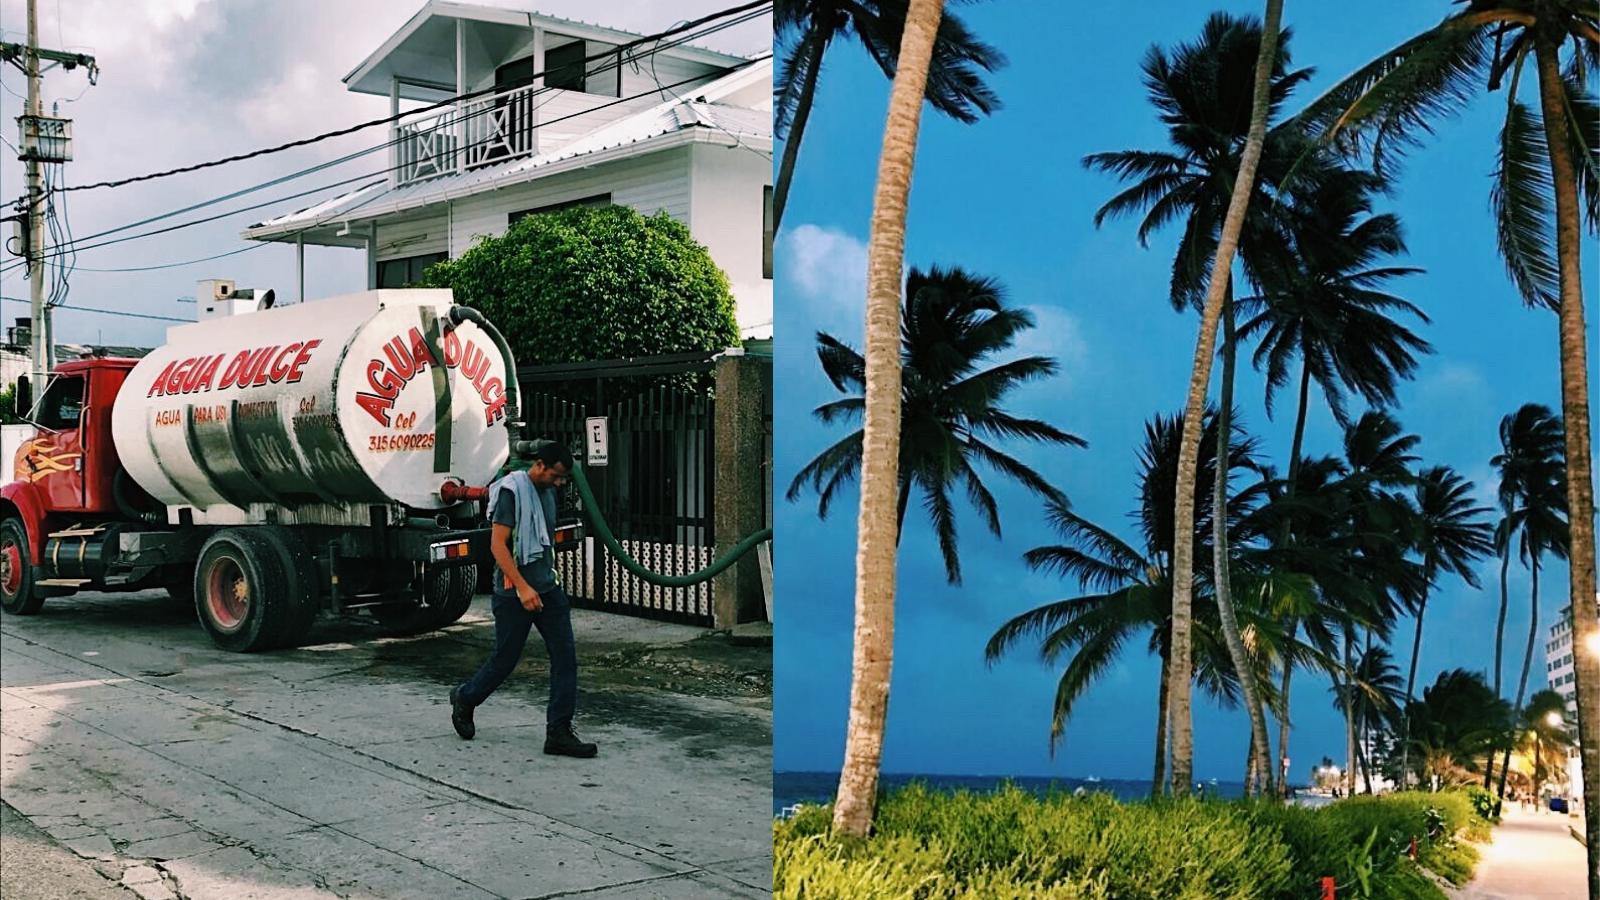 historias/san-andres-y-providencia/confinados-en-la-isla